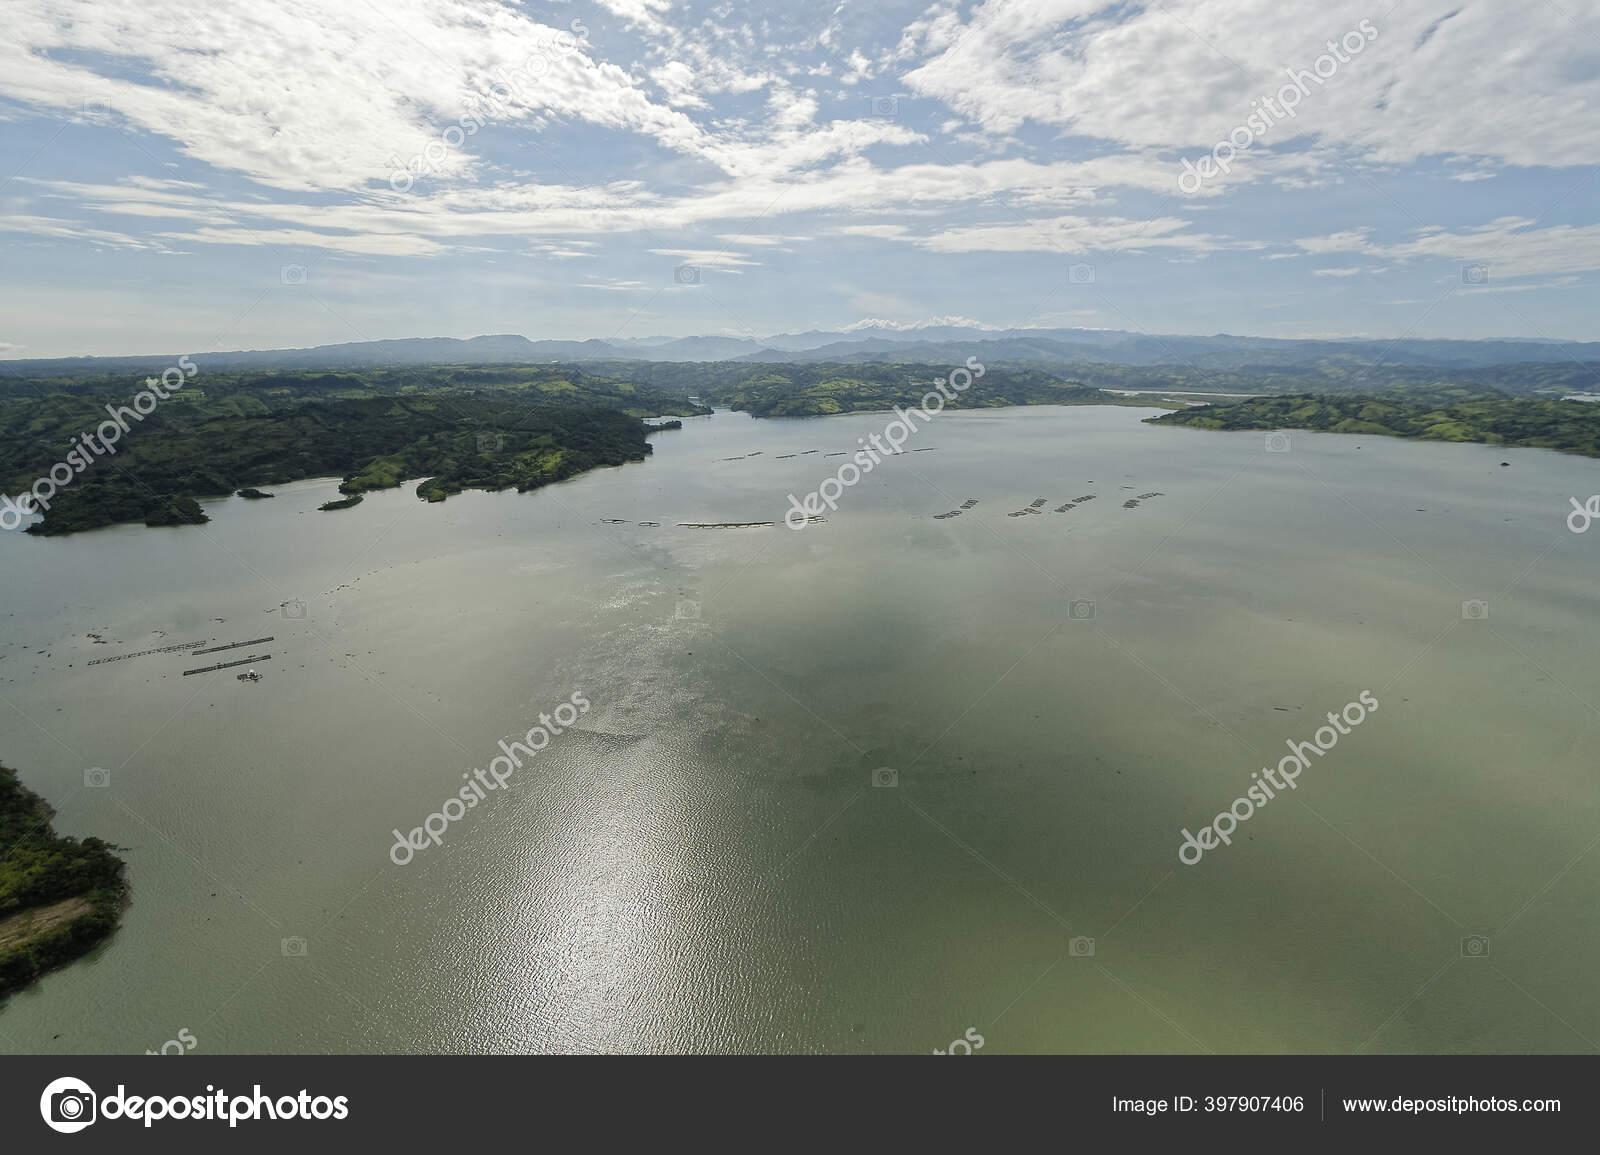 болезнь фото озера сатурн приморский край именно конструкцию использовать